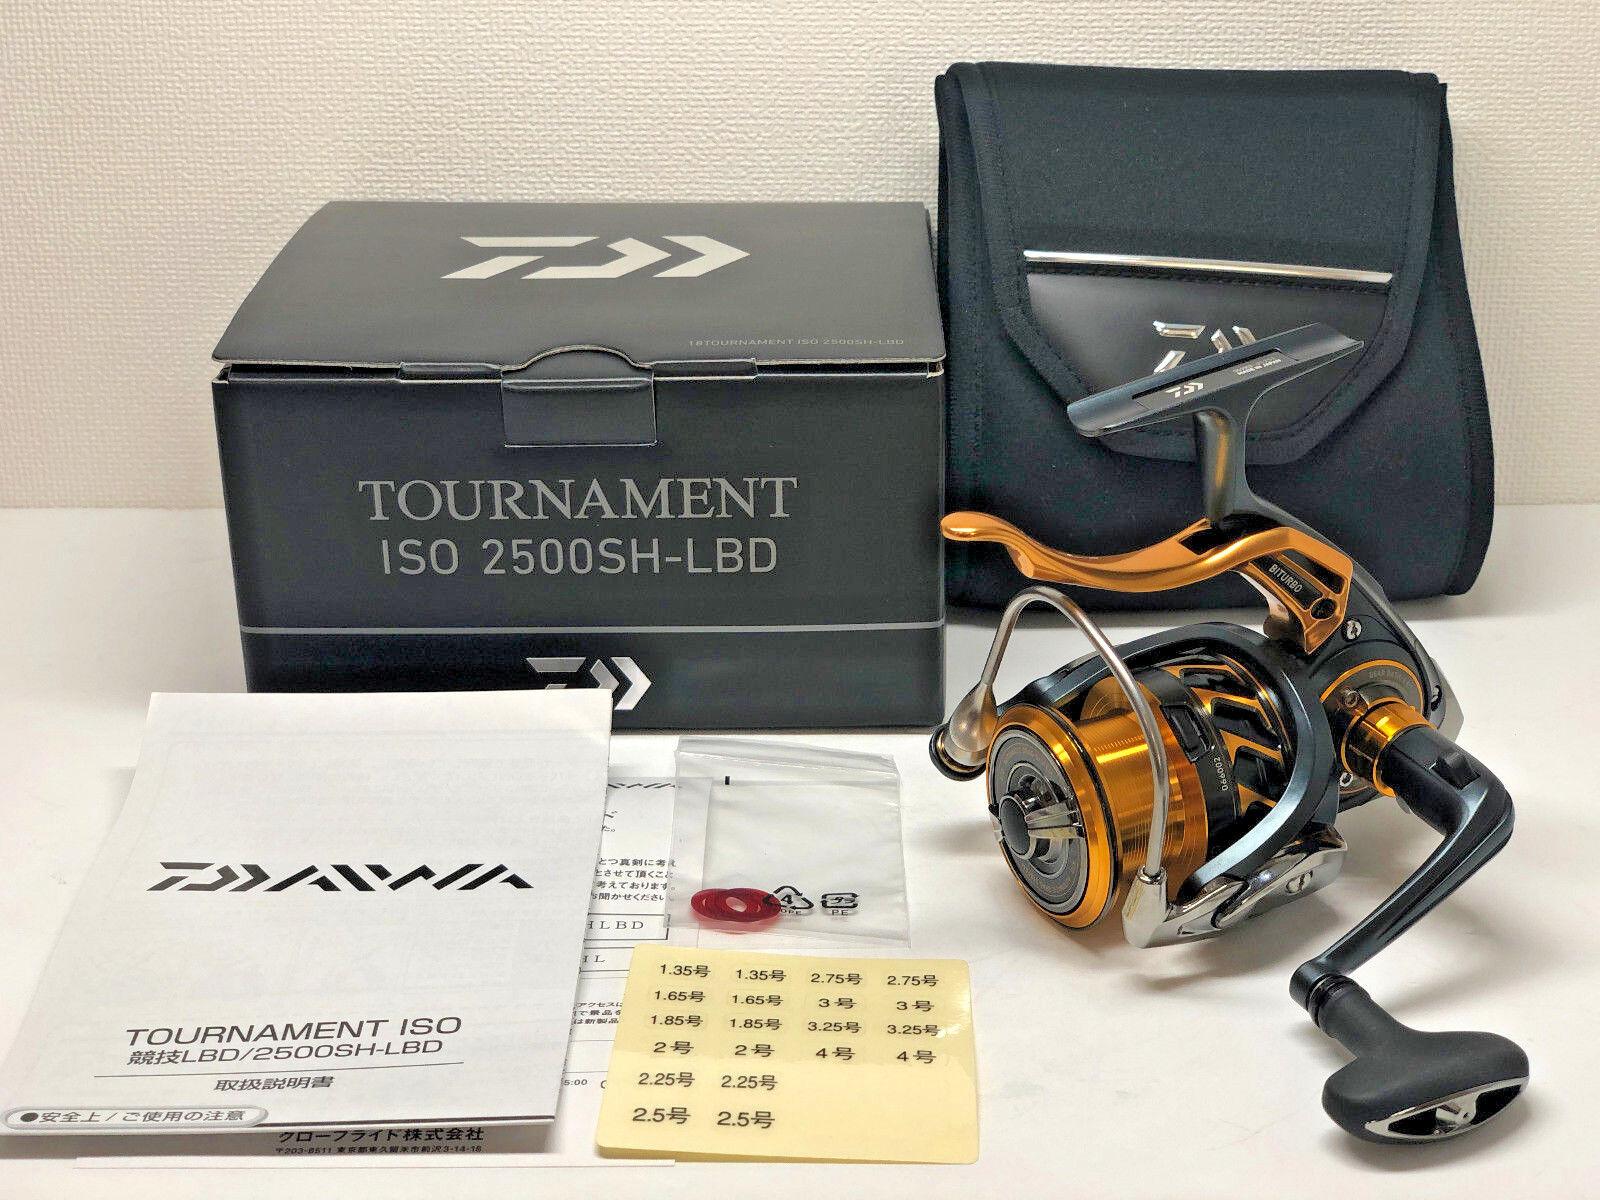 Daiwa Torneo ISO 2500SH-LBD - Envío gratuito desde Japón